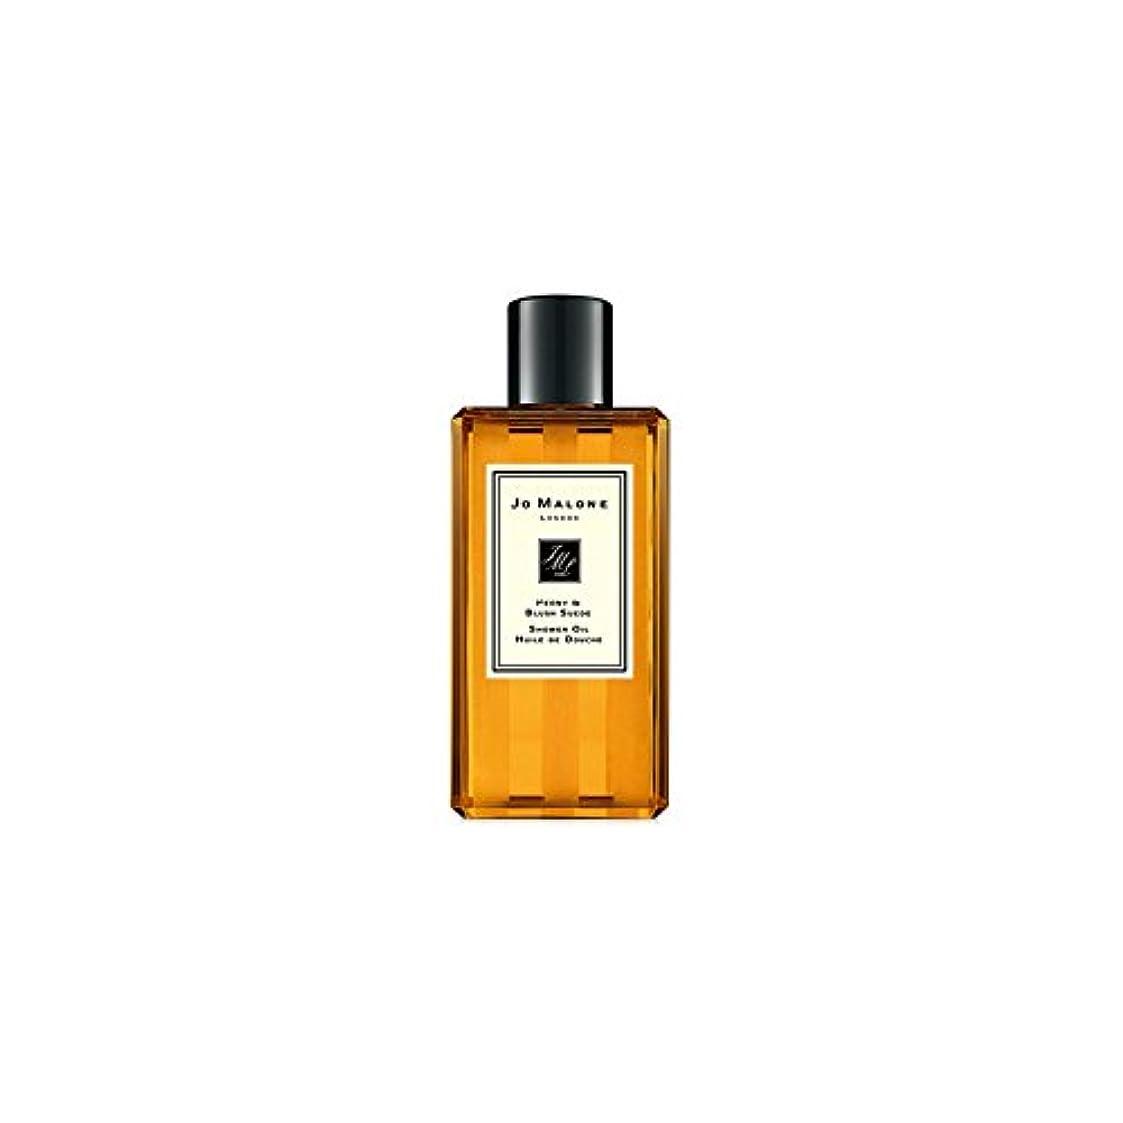 失敗ローンエレメンタルJo Malone Peony & Blush Suede Shower Oil - 250ml (Pack of 2) - ジョーマローン牡丹&スエードシャワーオイル赤面 - 250ミリリットル (x2) [並行輸入品]